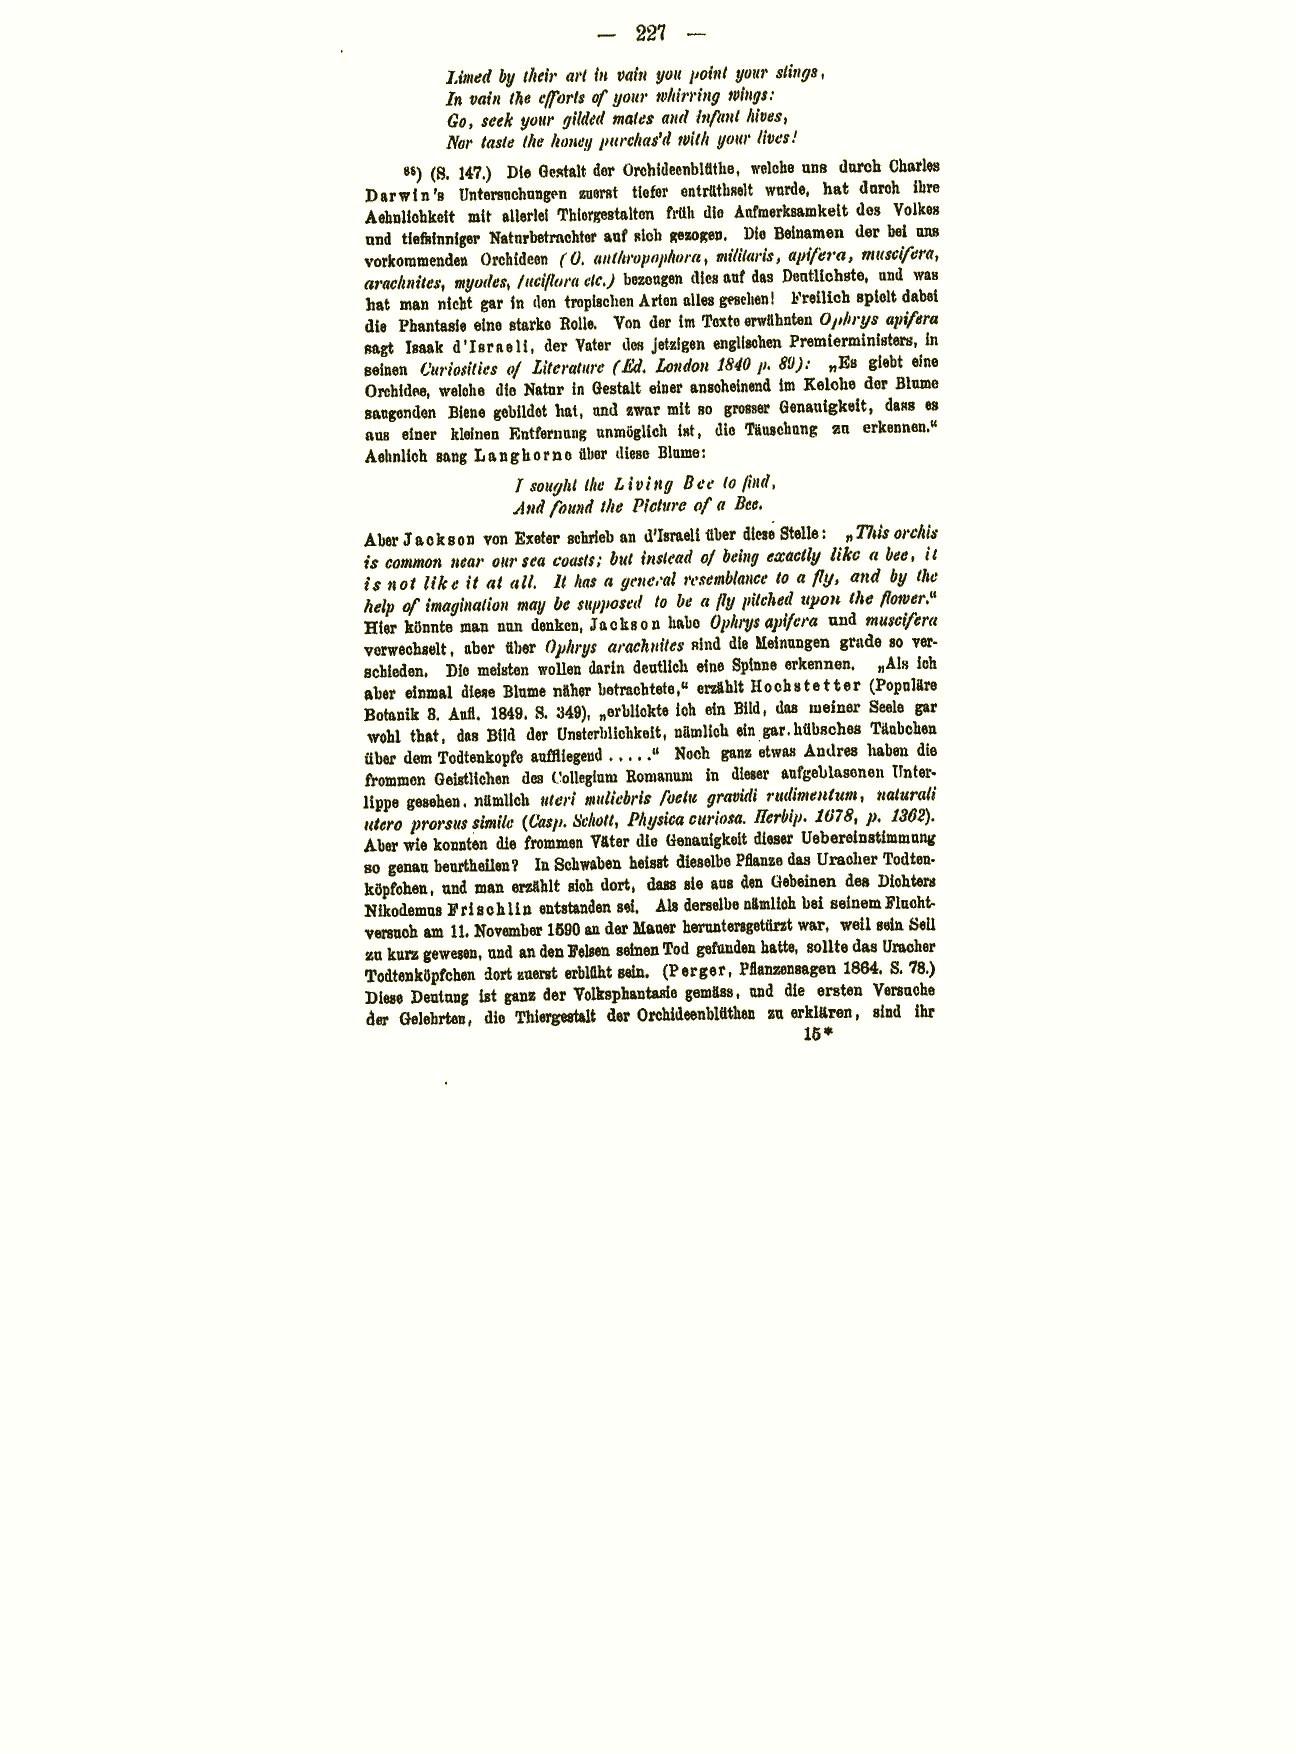 erasmus darwin und seine stellung in der geschichte der descendenz theorie von ernst krause mit seineme lebens und charakterbilde von charles darwin